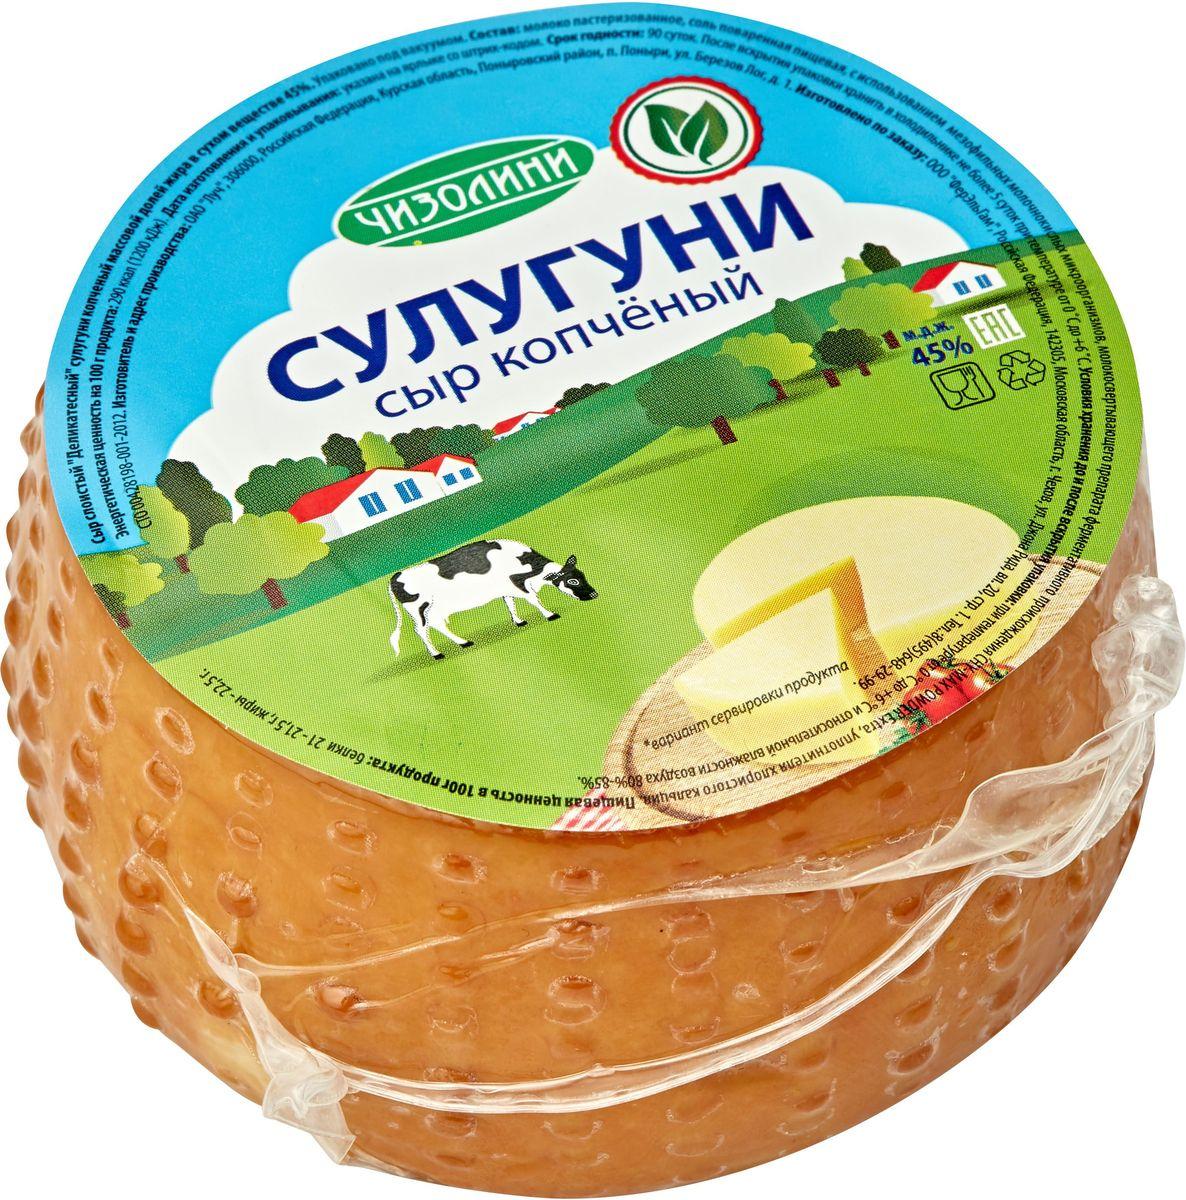 Чизолини Сыр Сулугуни, копченый, 250 г00-00001199С Чизолини - рассольный сыр из Самегрело (местность в Грузии). Он обладает сдержанным кисломолочным, солоноватым вкусом, приятным запахом и эластичной, слоящейся консистенцией.